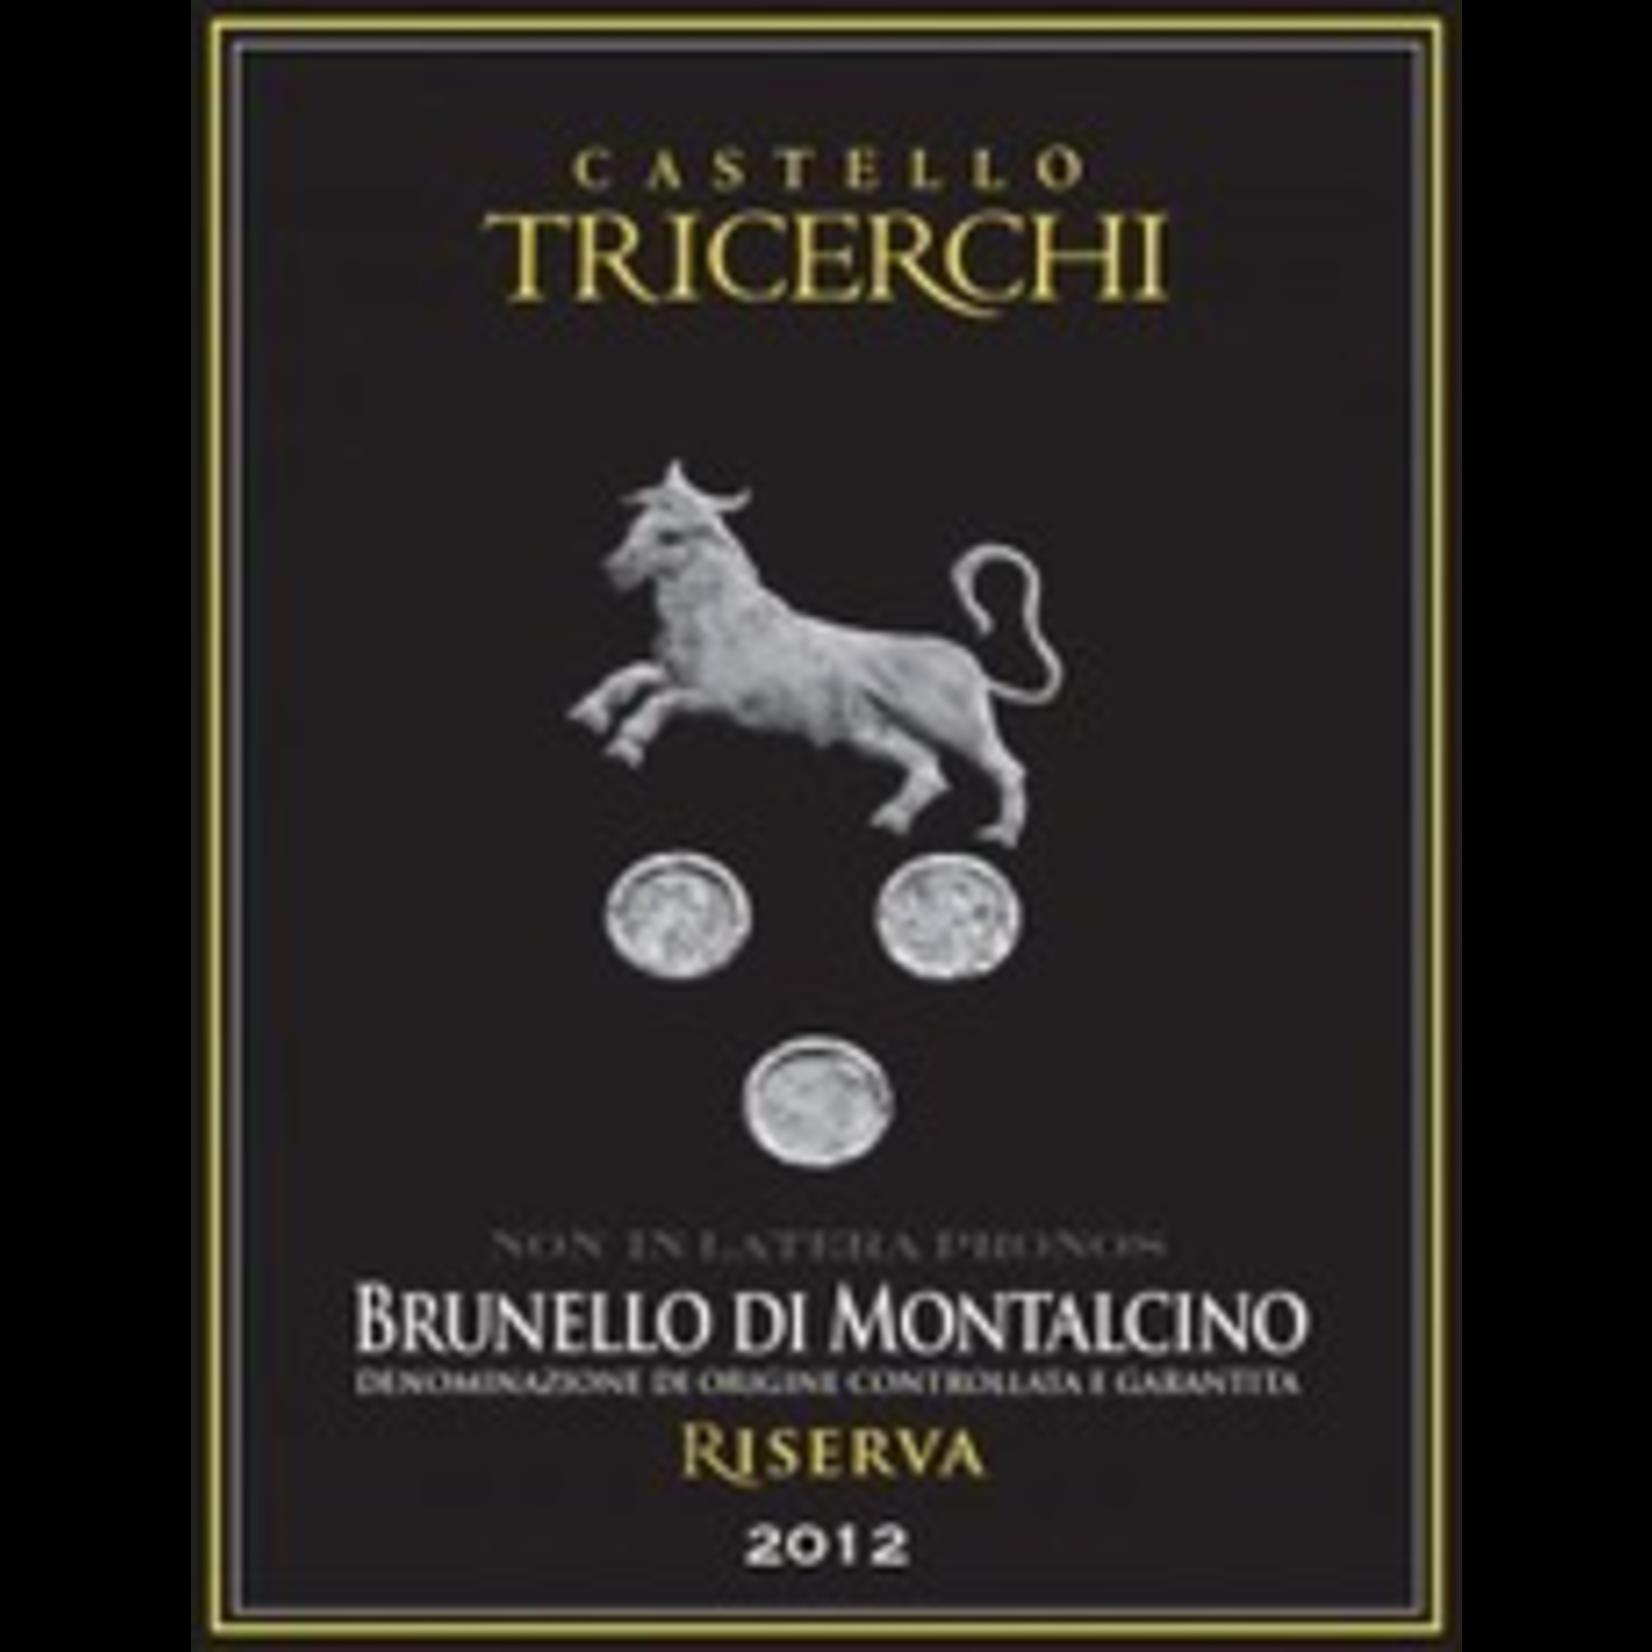 Castello Tricerchi Brunello di Montalcino Riserva 2012